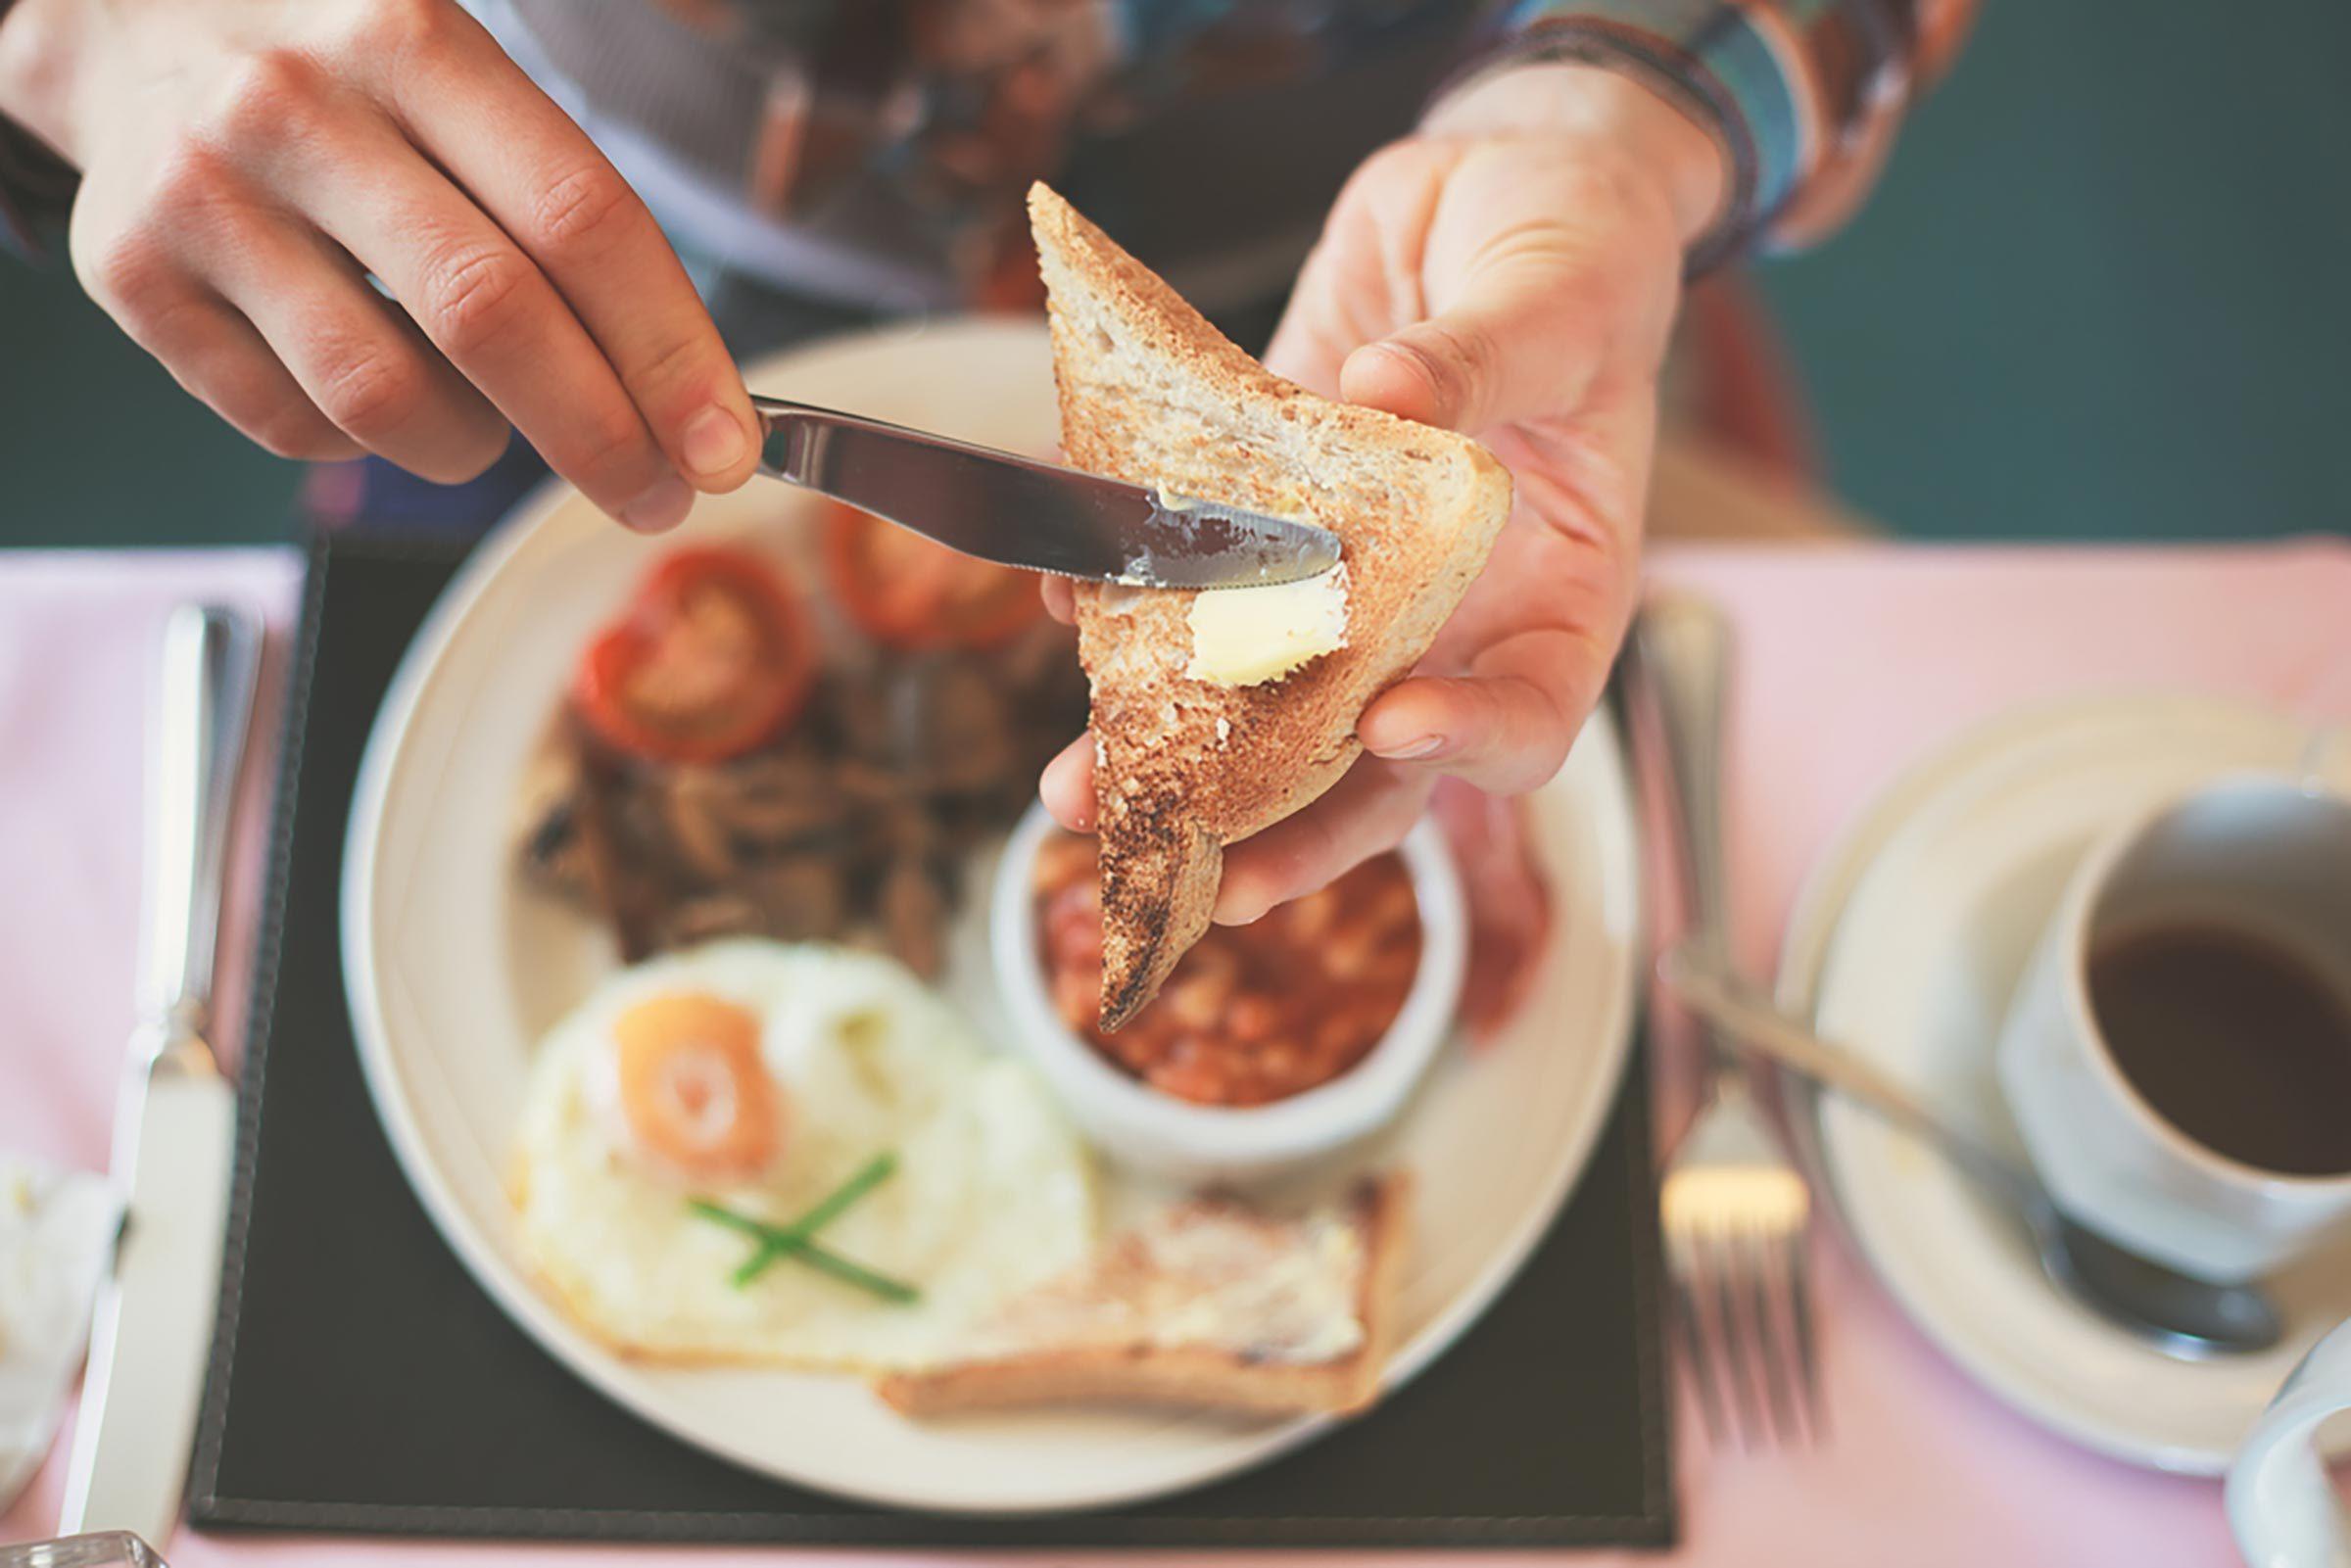 Conseil santé : ne pas sauter le déjeuner